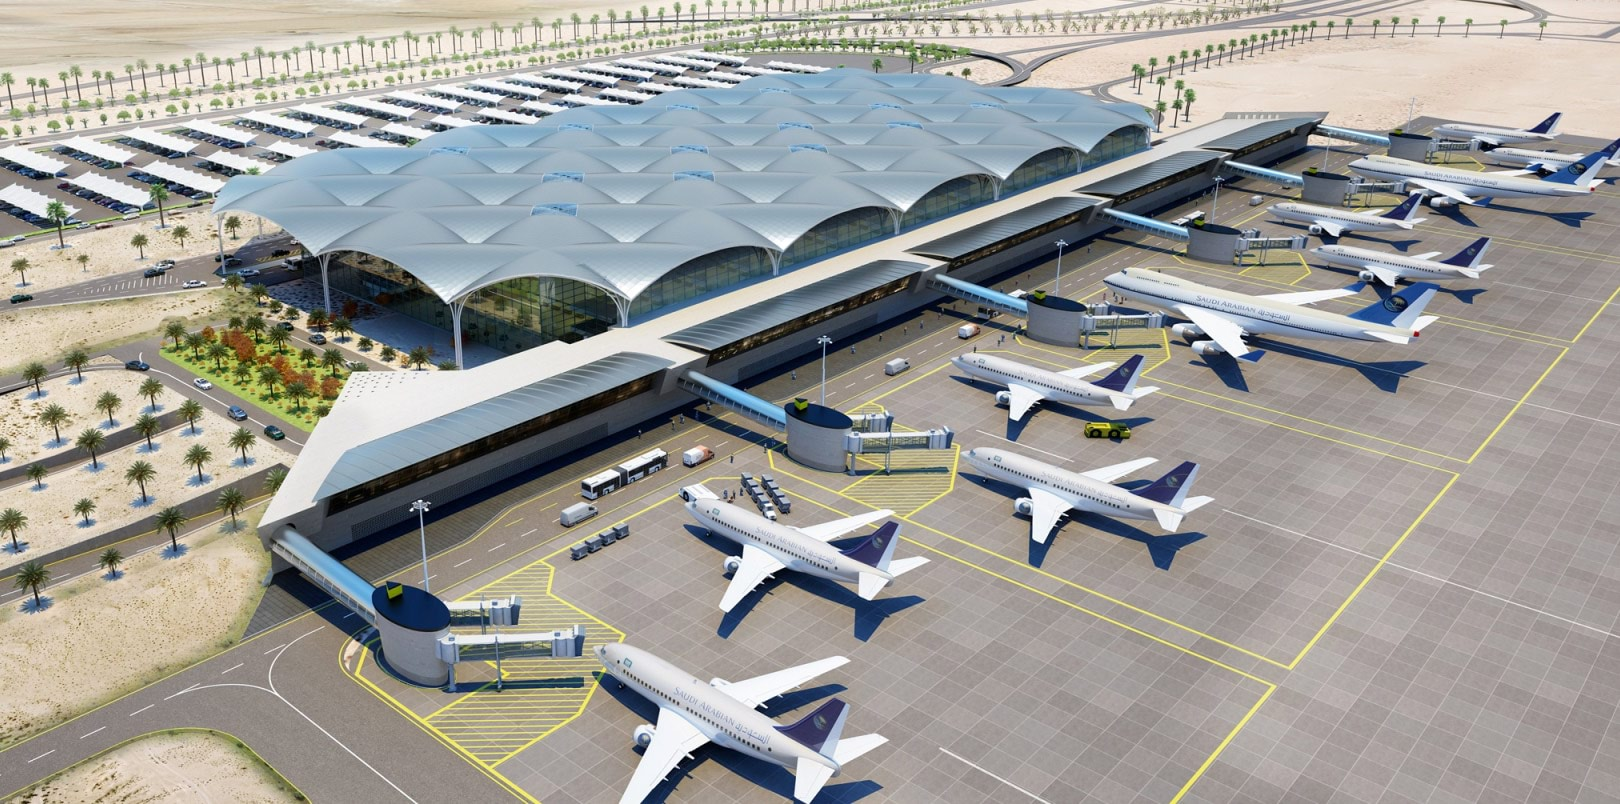 كيف تتواصل مع مطار الملك خالد الدولي